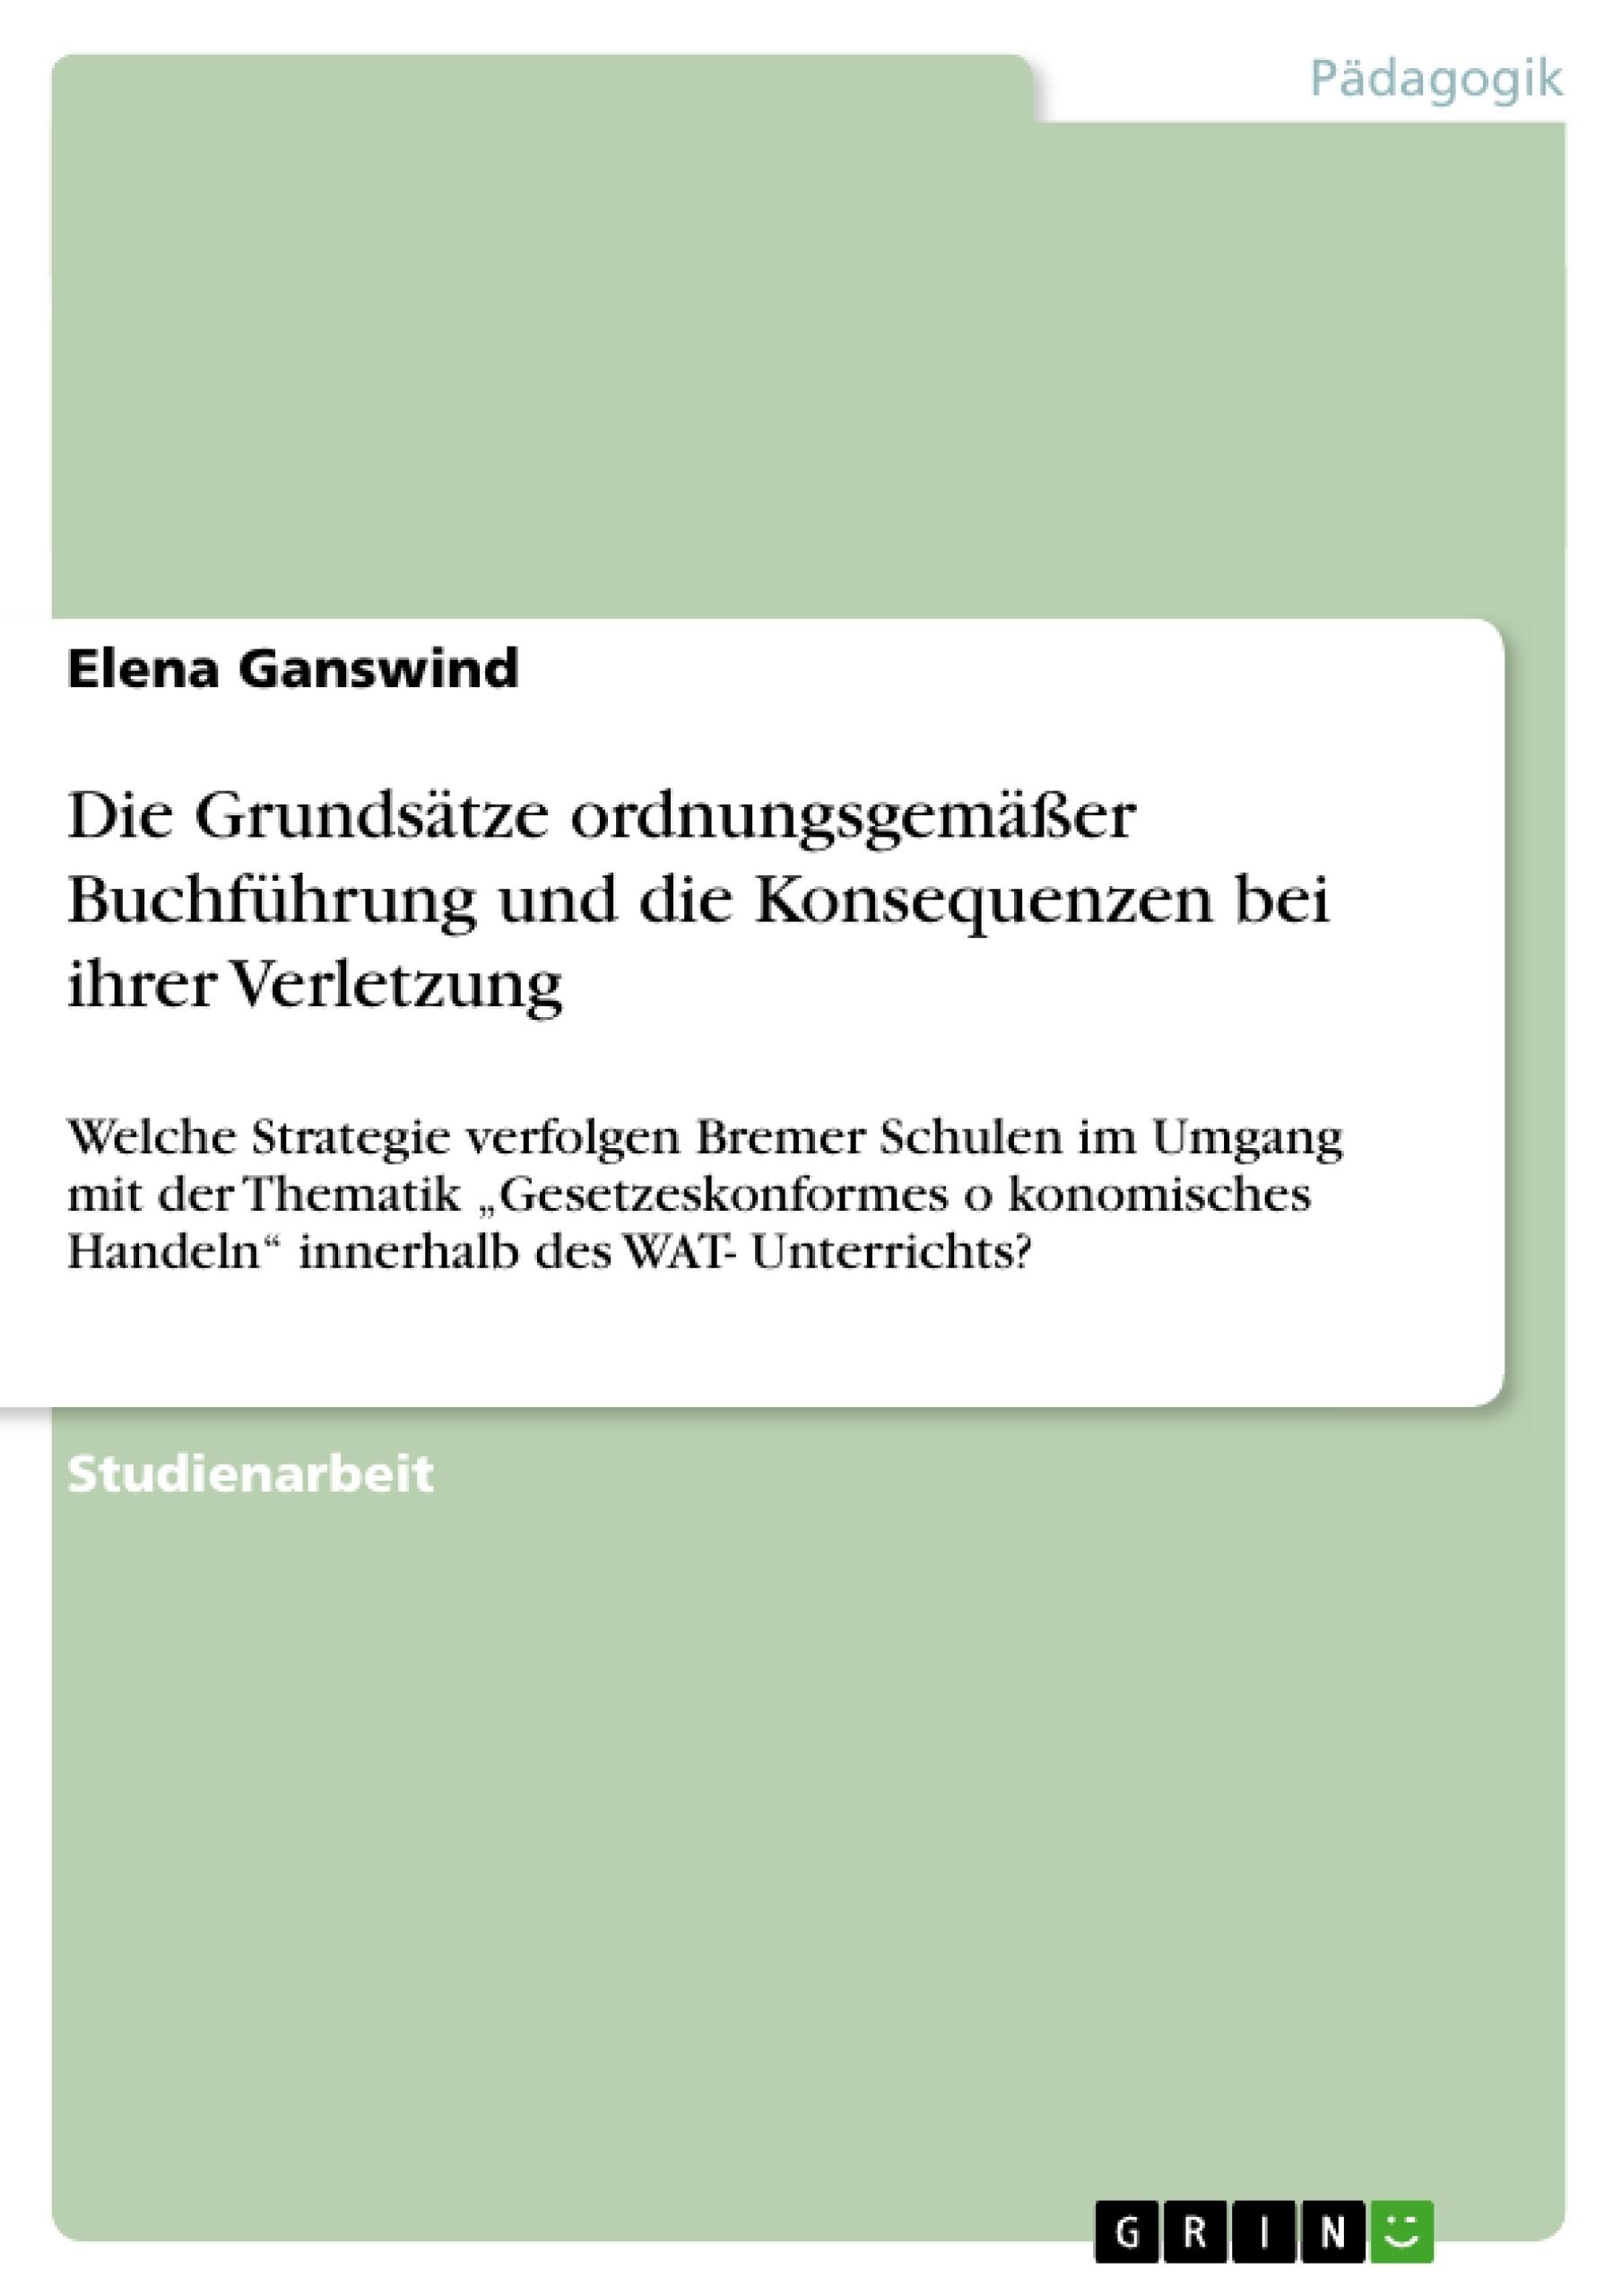 Titel: Die Grundsätze ordnungsgemäßer Buchführung und die Konsequenzen bei ihrer Verletzung